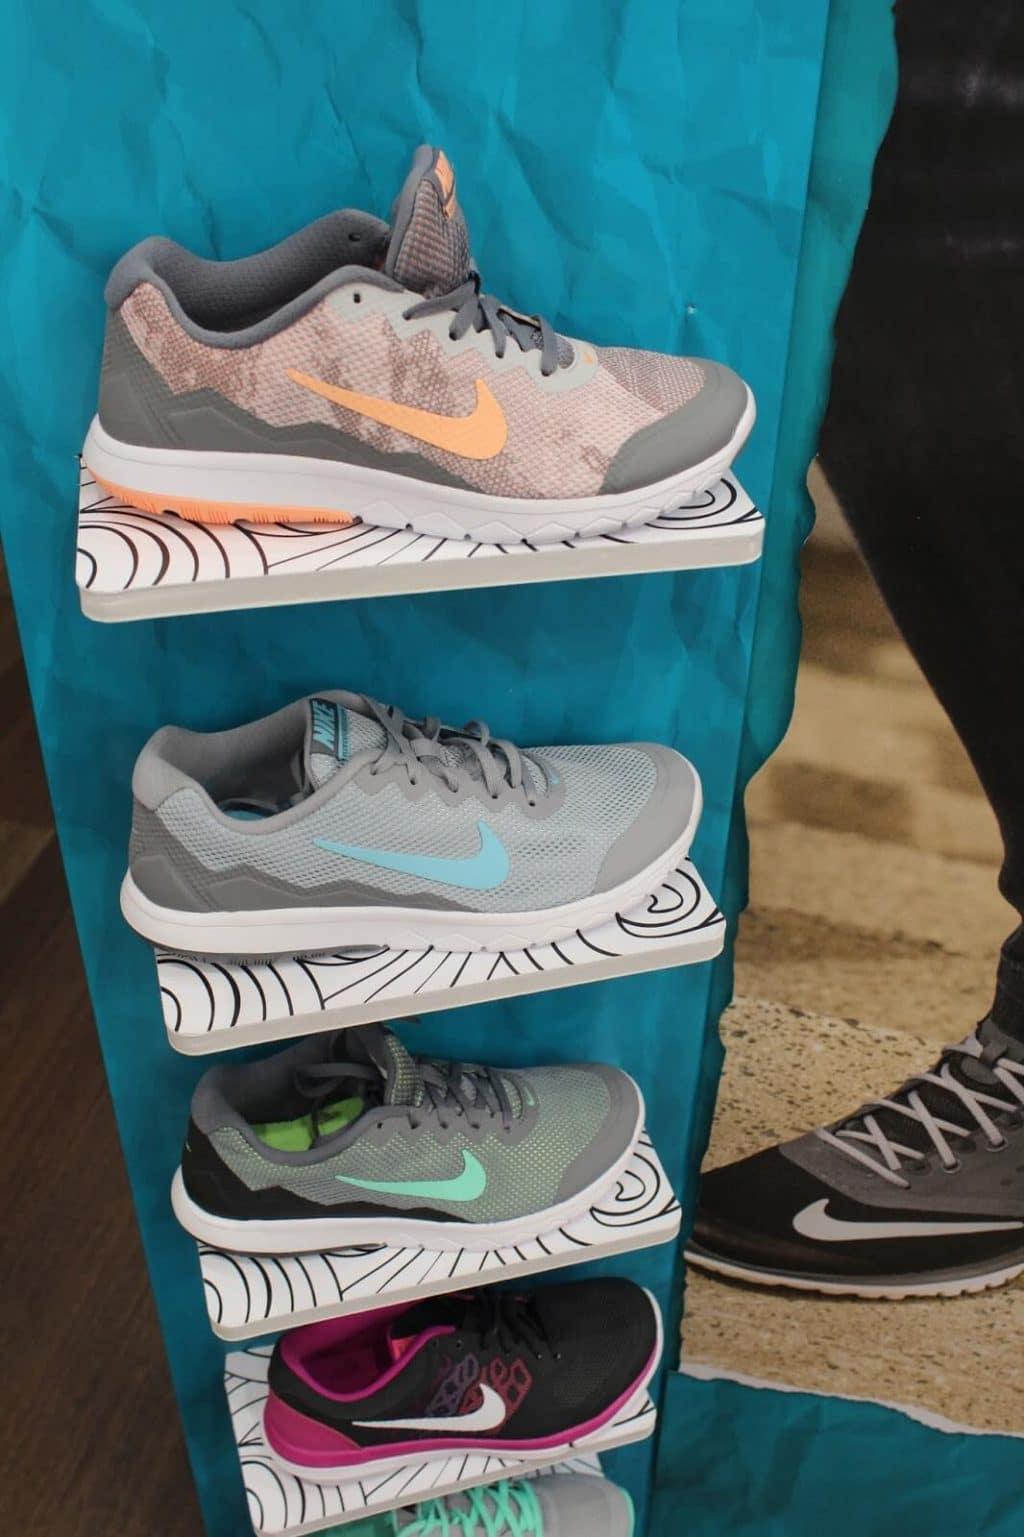 Snakeskin Nike